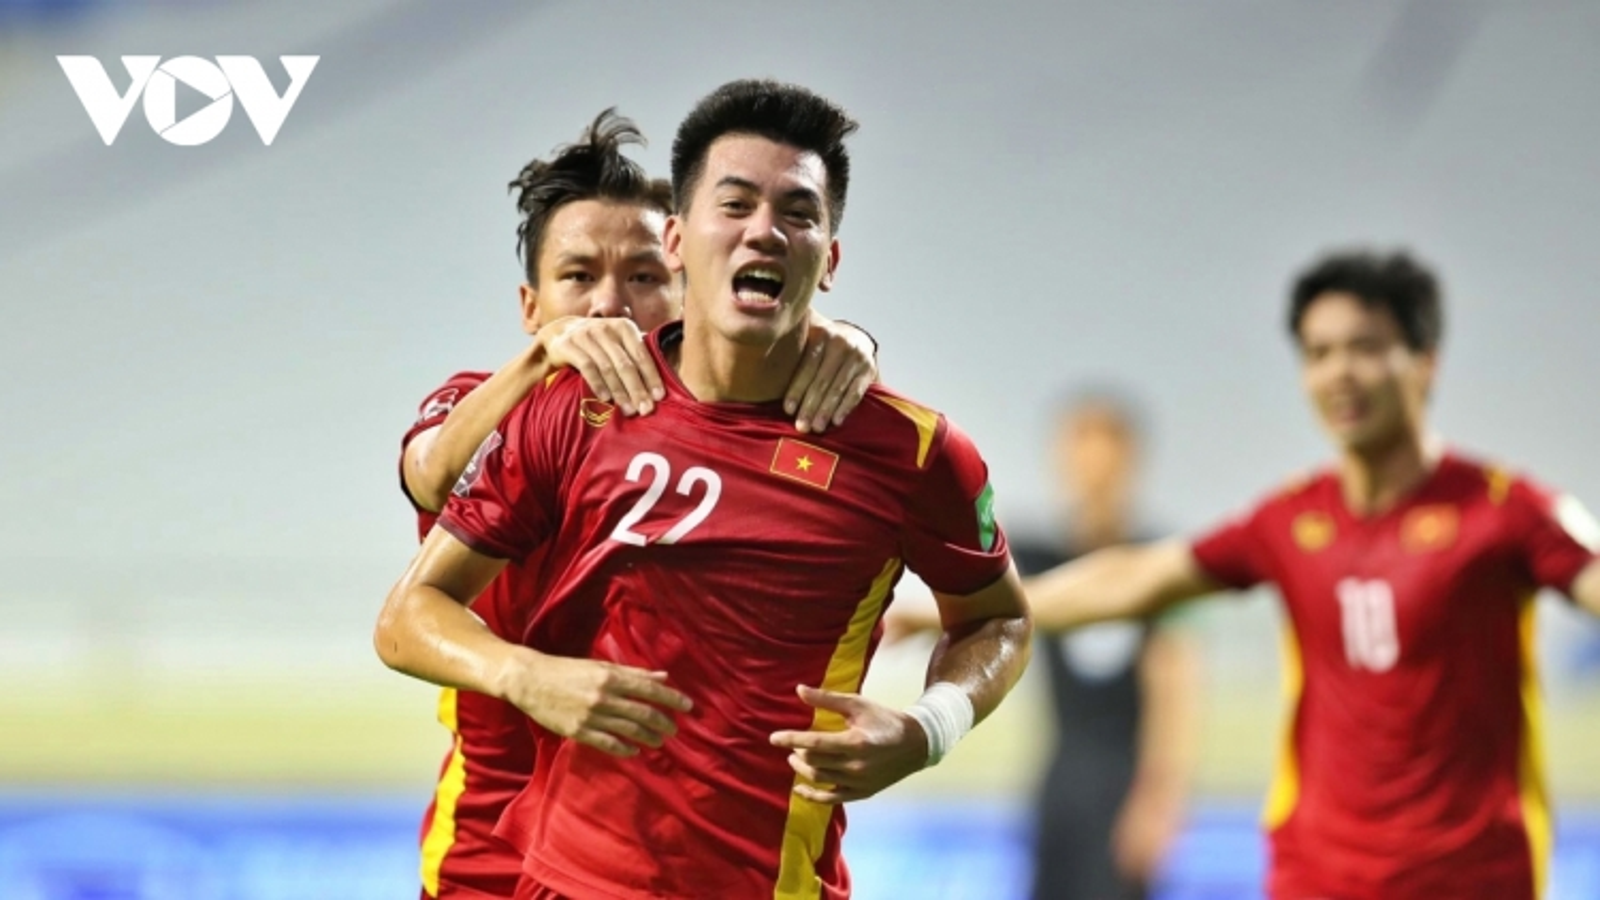 Lịch thi đấu chính thức của ĐT Việt Nam ở vòng loại thứ 3 World Cup 2022 khu vực châu Á